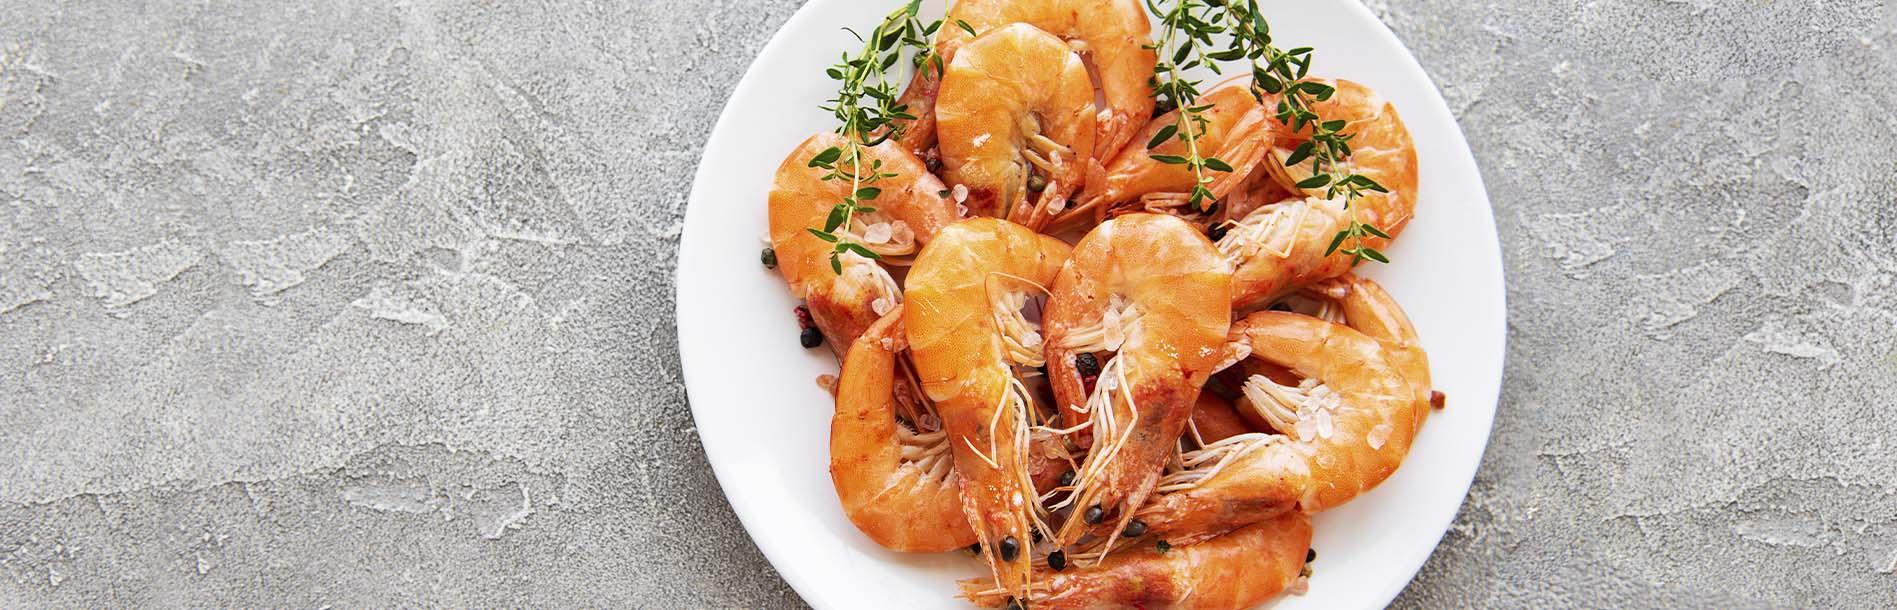 Não resiste a um camarão? Este e outros alimentos que geram dúvidas de consumo na gravidez